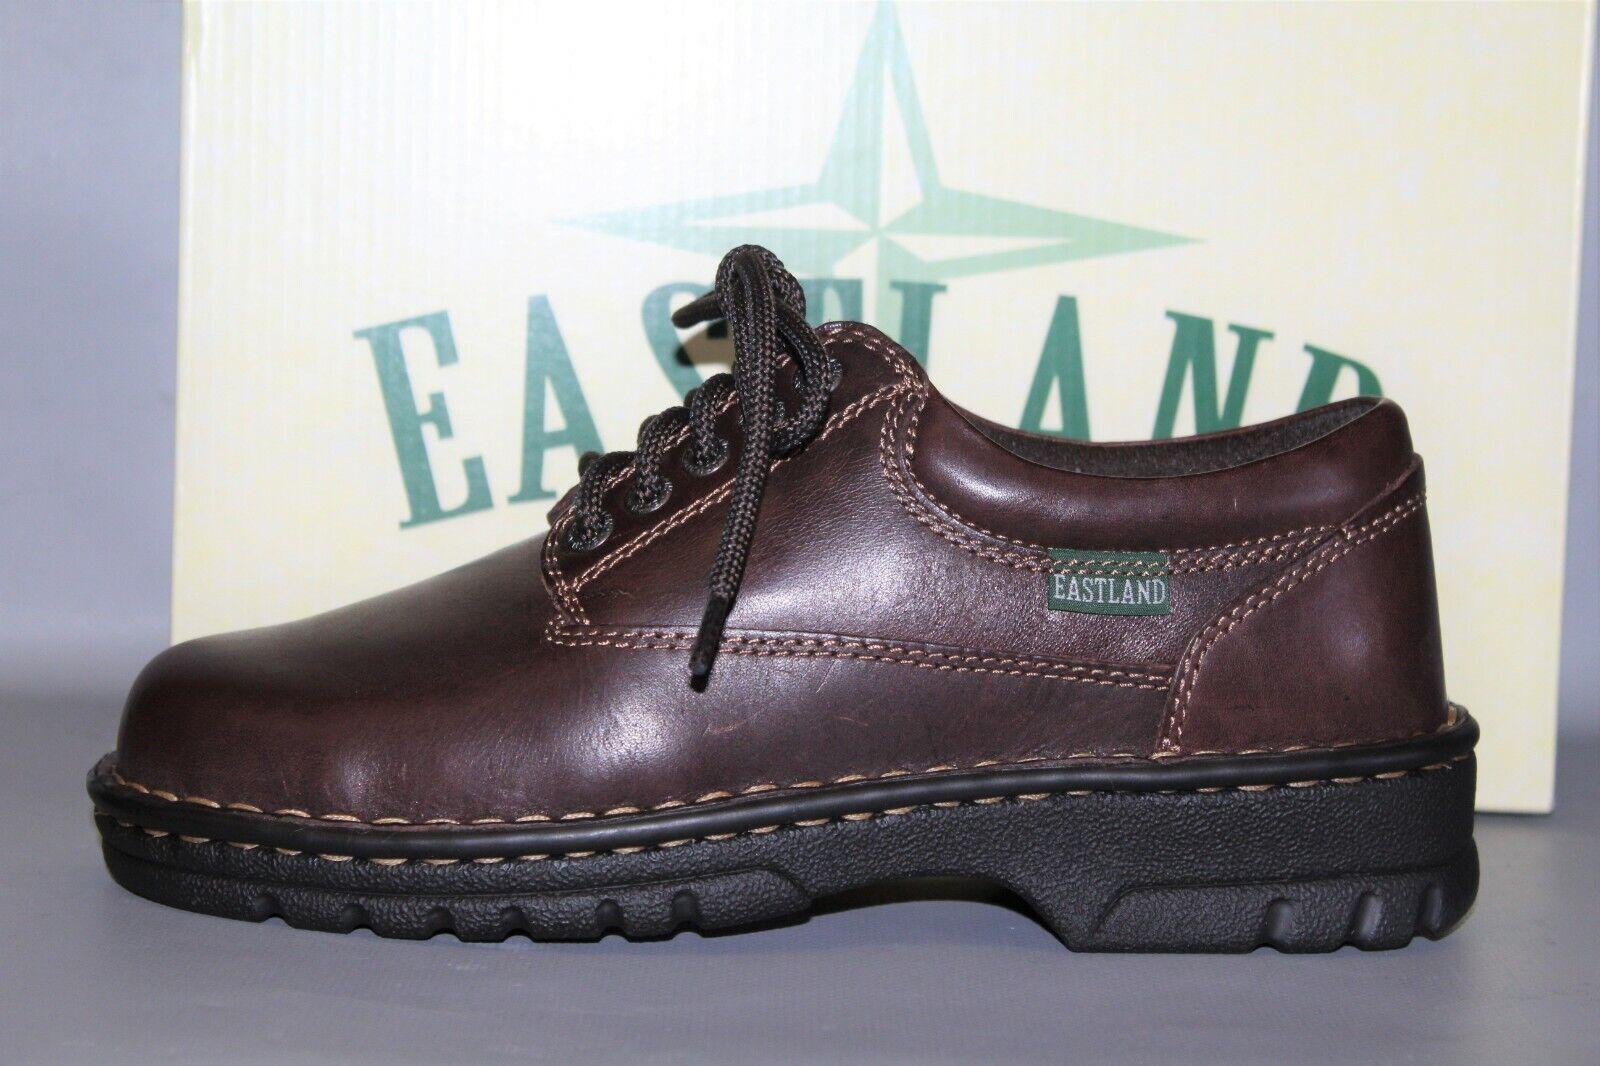 prezzo ragionevole NEW NEW NEW Donna  Eastland Plainview Dimensione 9.5 Medium Marrone Leather Lace Up Oxfords  garanzia di qualità